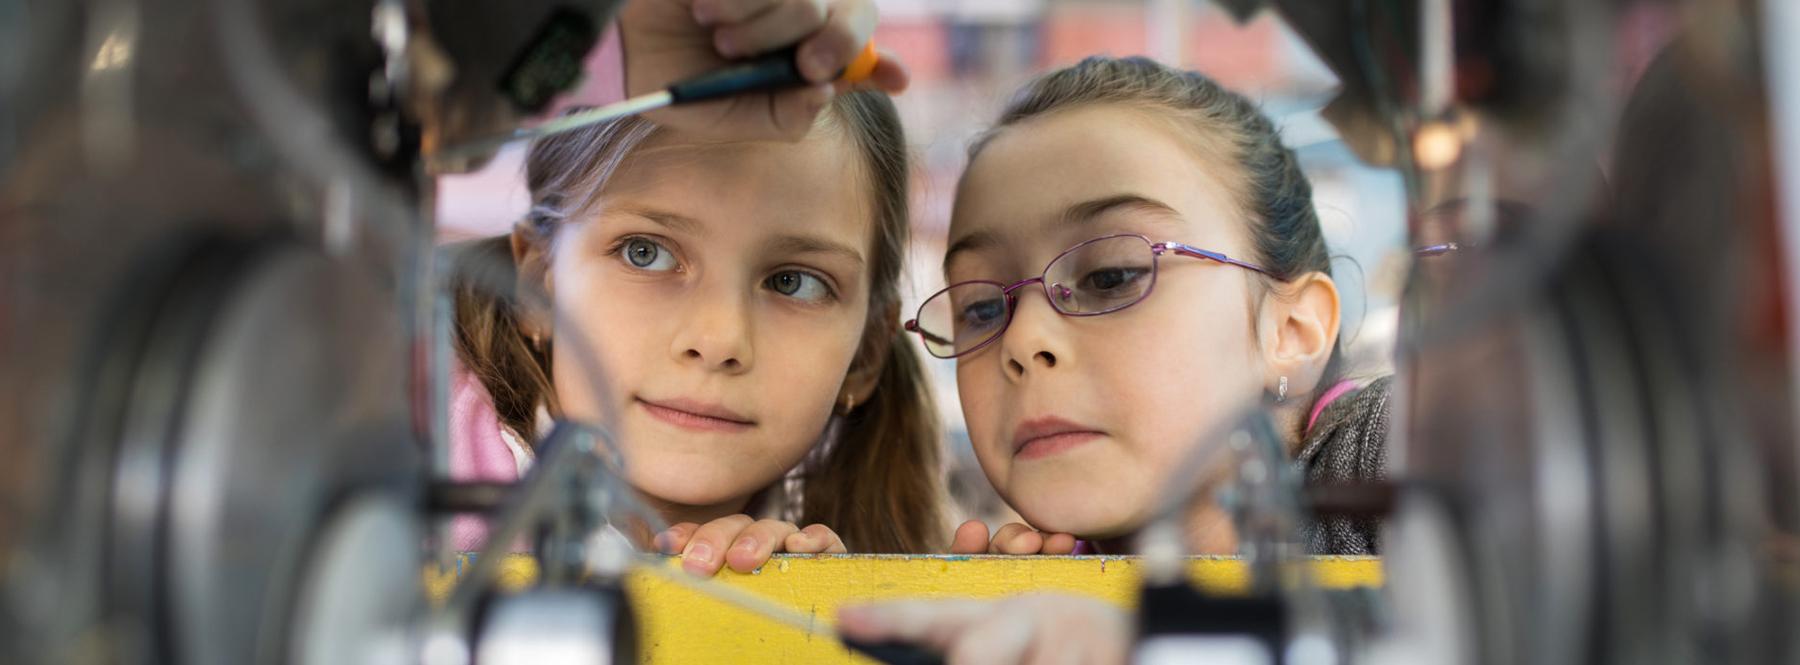 Telefónica apuesta por el futuro de las niñas en la ciencia